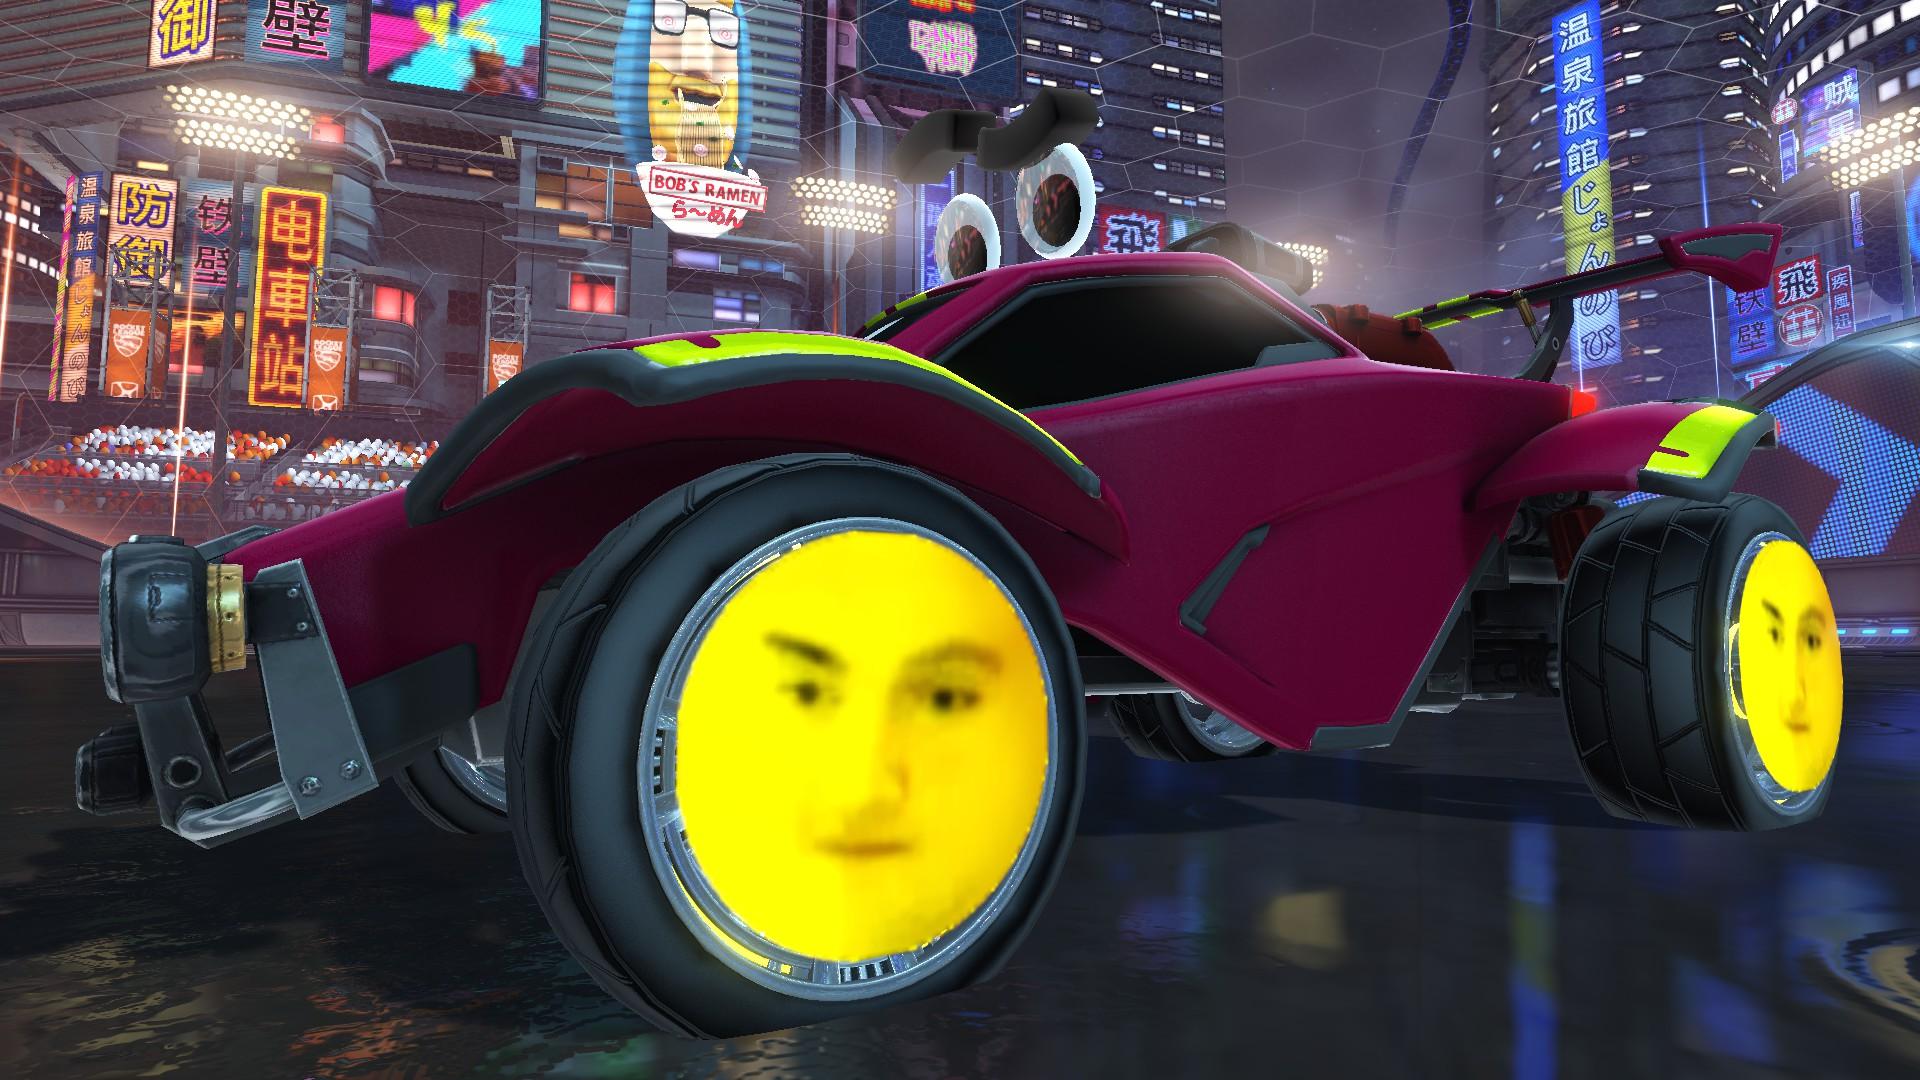 Markydooda Animated Wheels: The Eyebrow Dance (Looper Only)